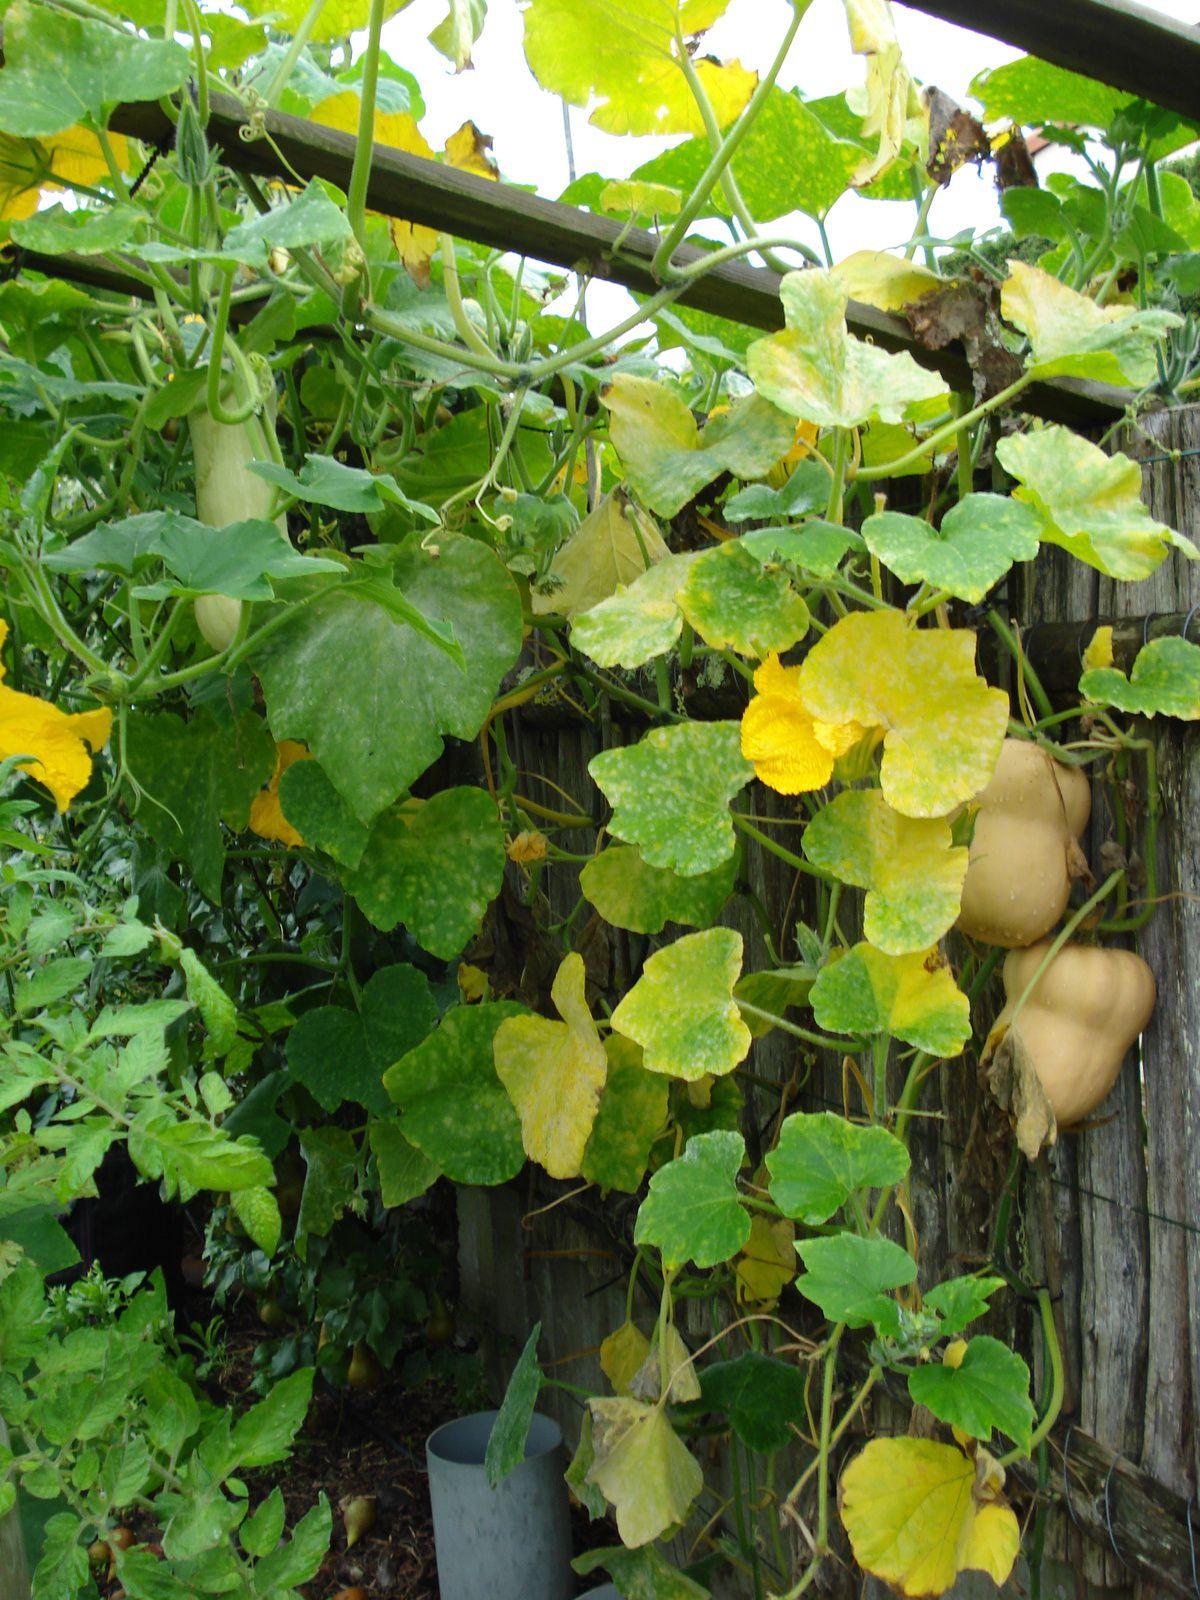 la dernière photo est une poire de terre , 1,20 de haut , légume/fruit d'automne  (dans un prochain article )